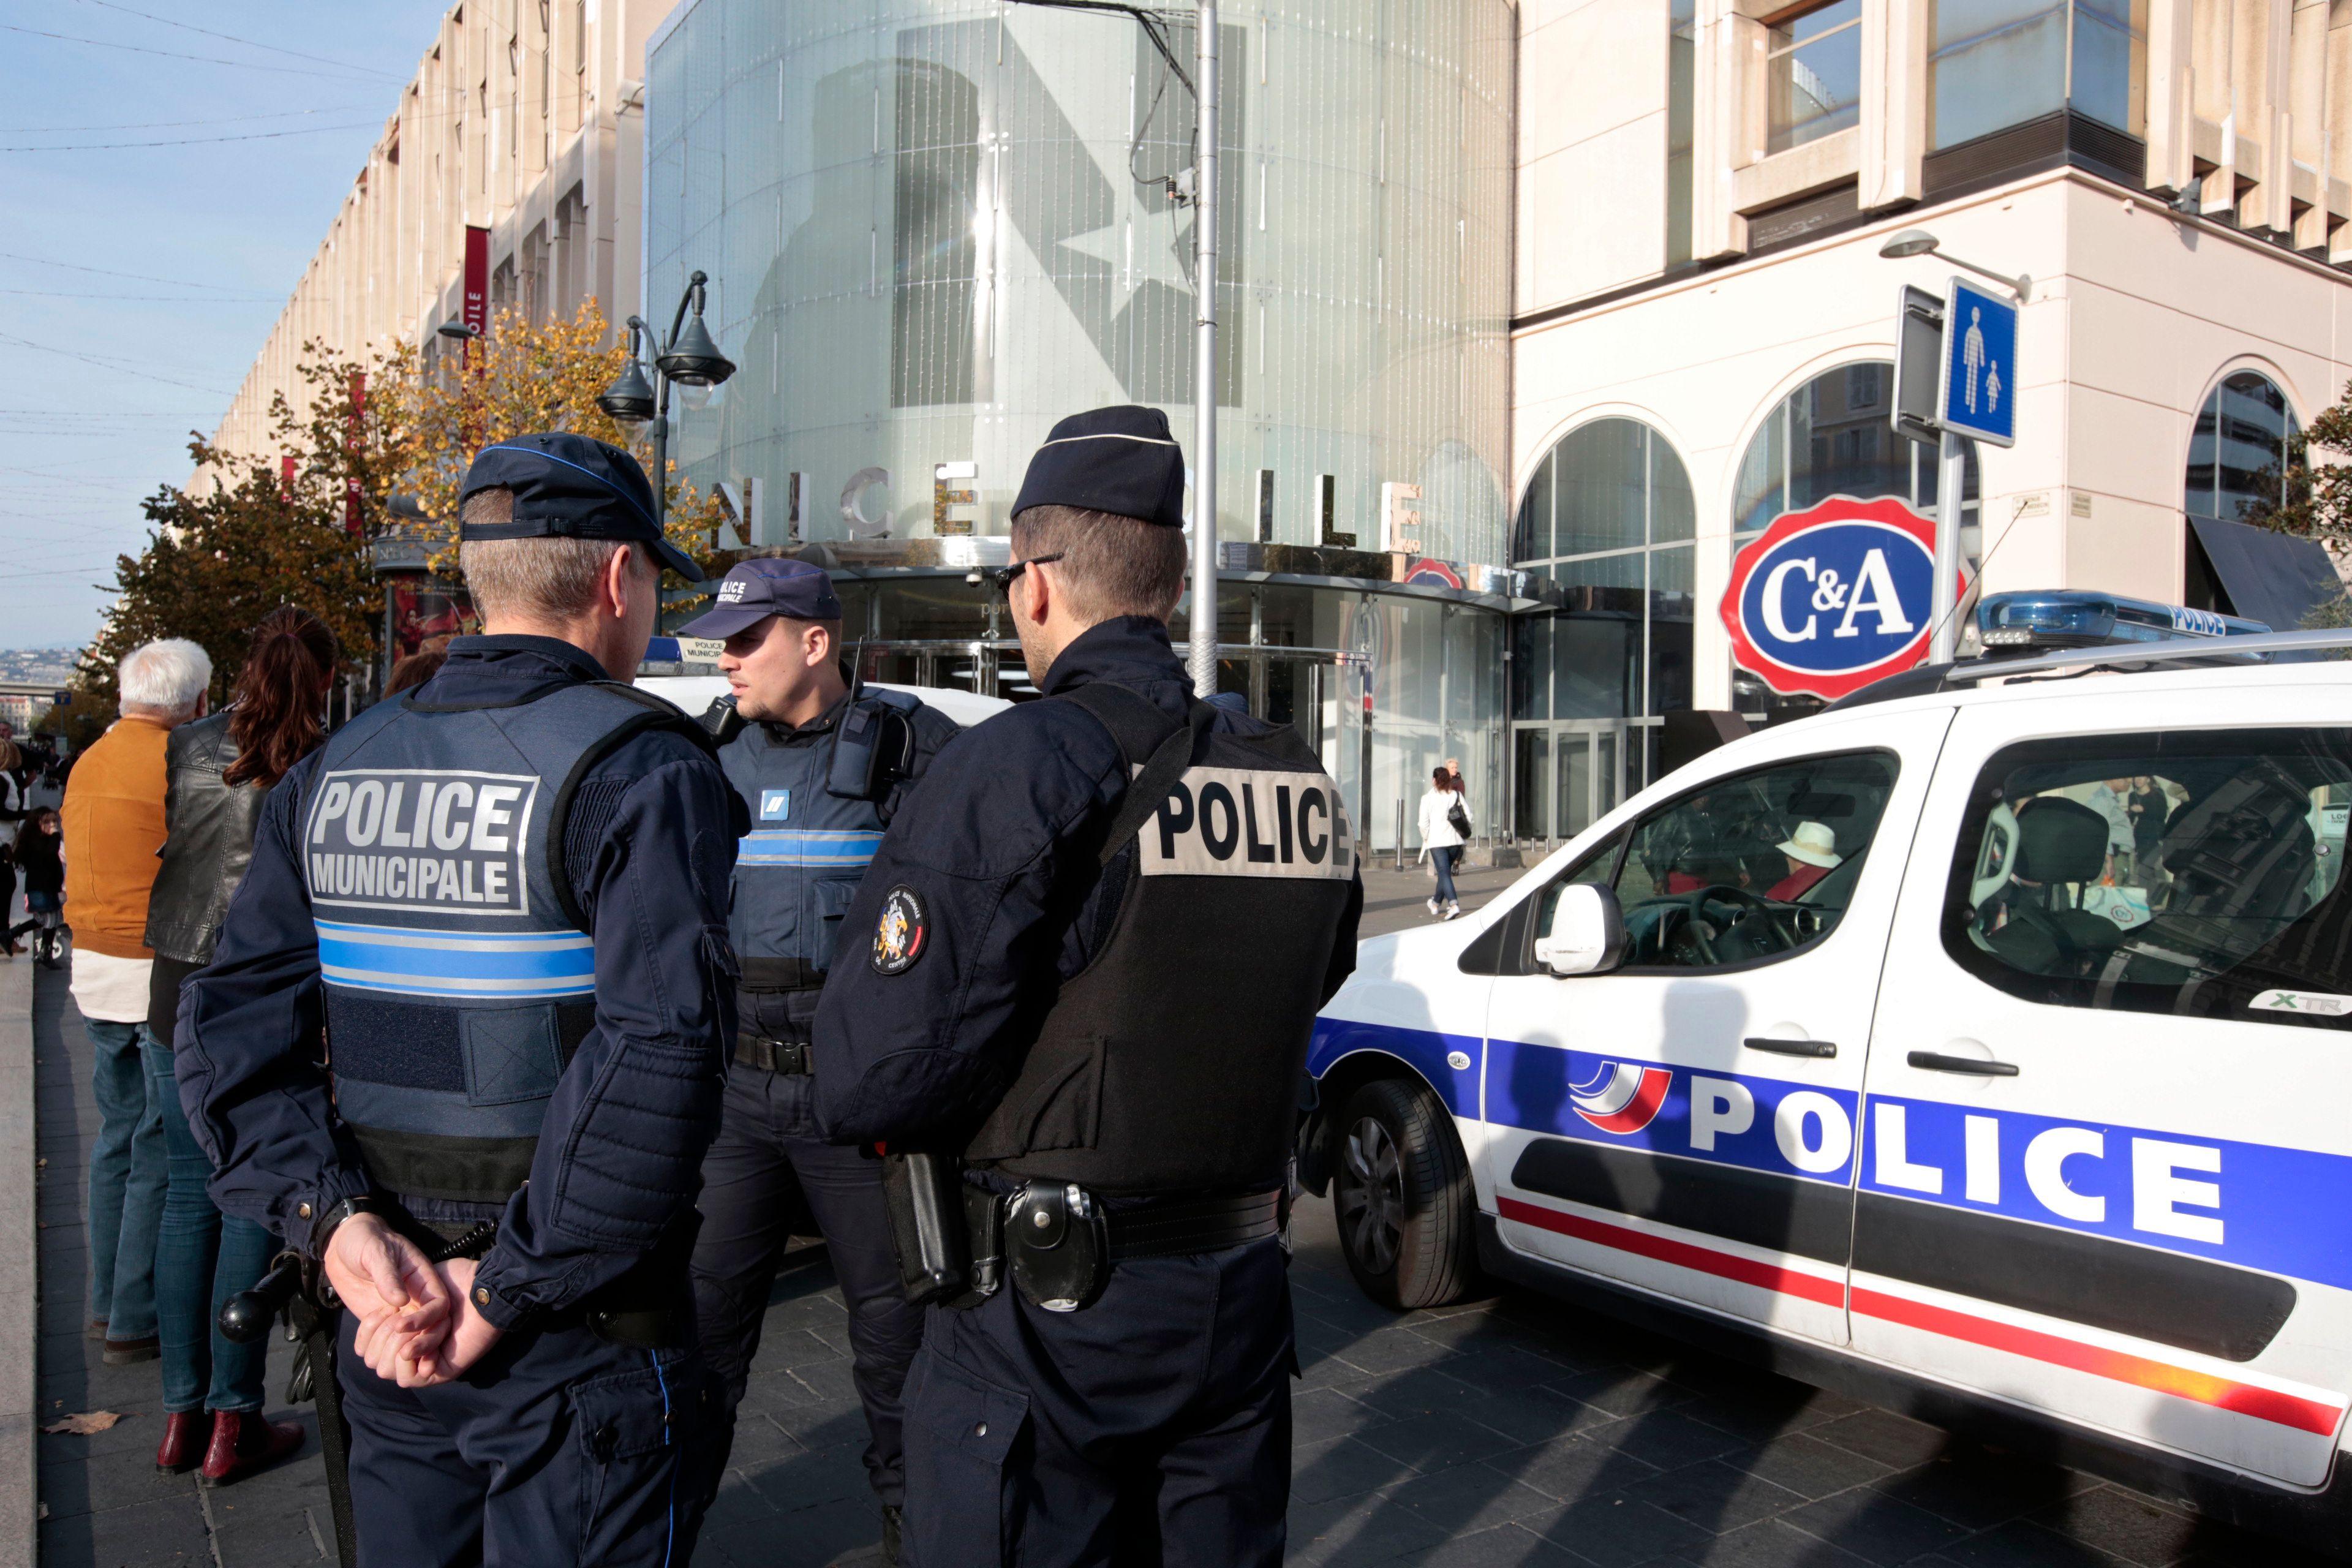 """Attentats du 13 novembre 2015 : quand la justice française se défausse sur sa collègue égyptienne """"qui n'a pas collaboré"""""""